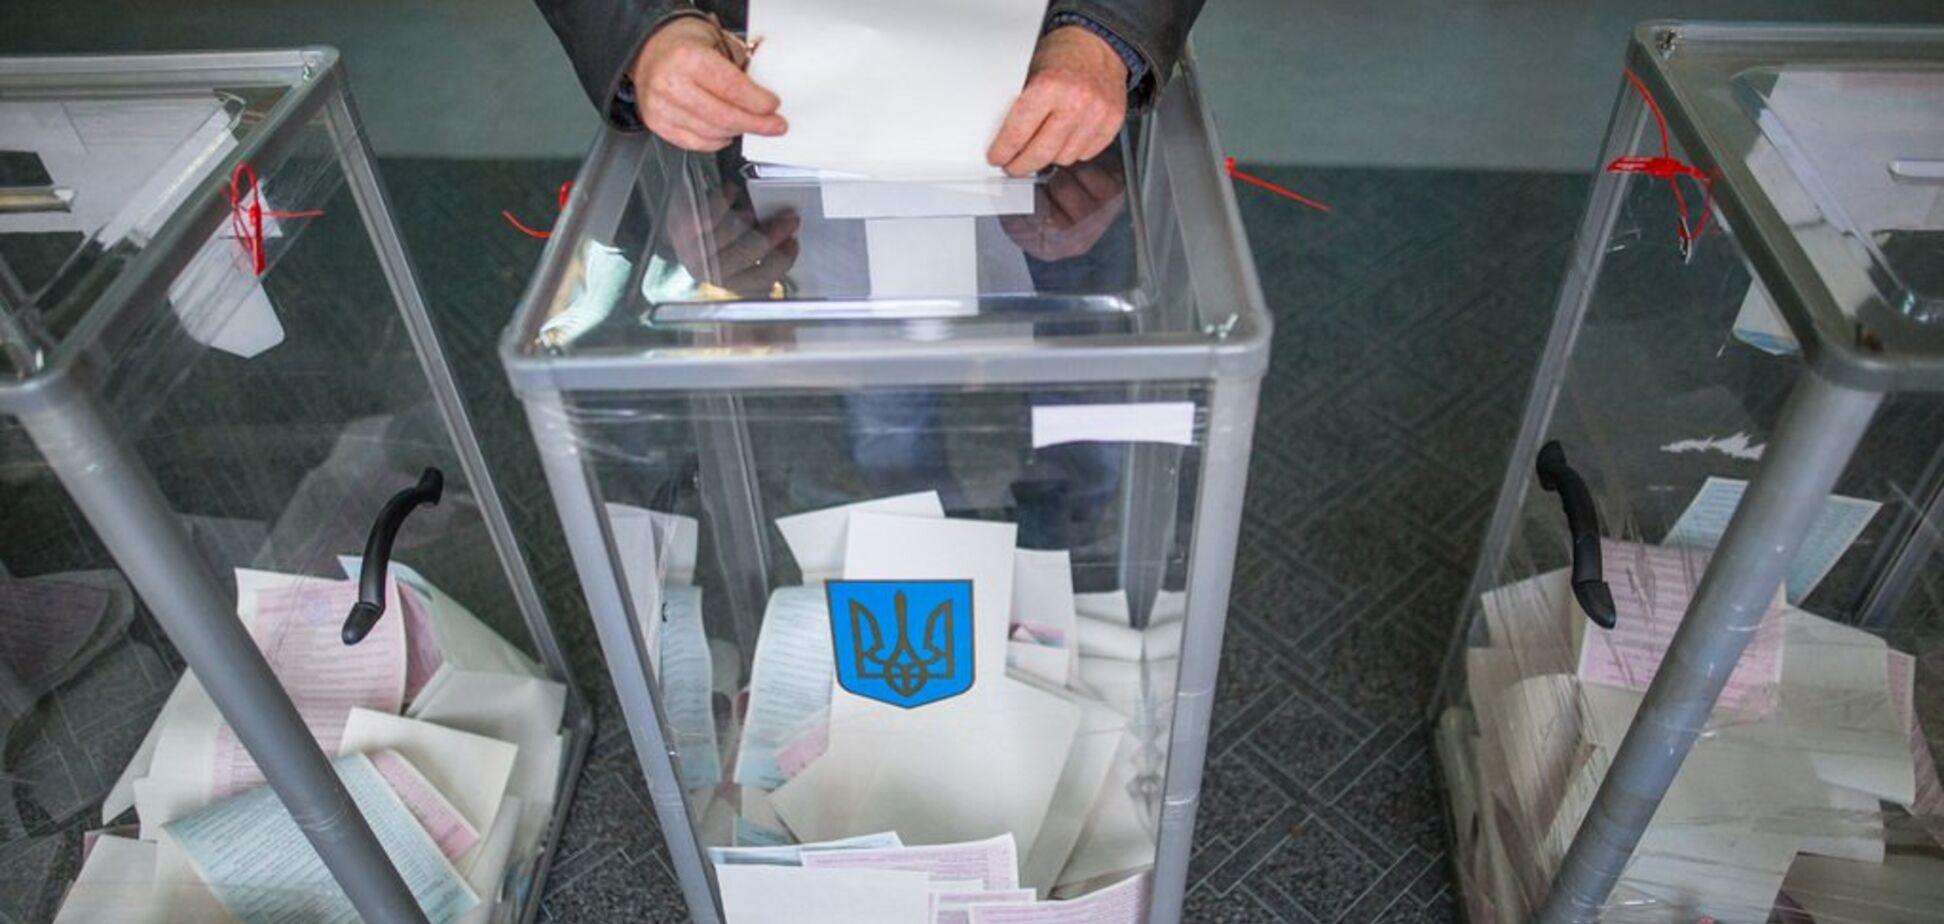 Нардеп від БПП став кандидатом у президенти України: перші подробиці